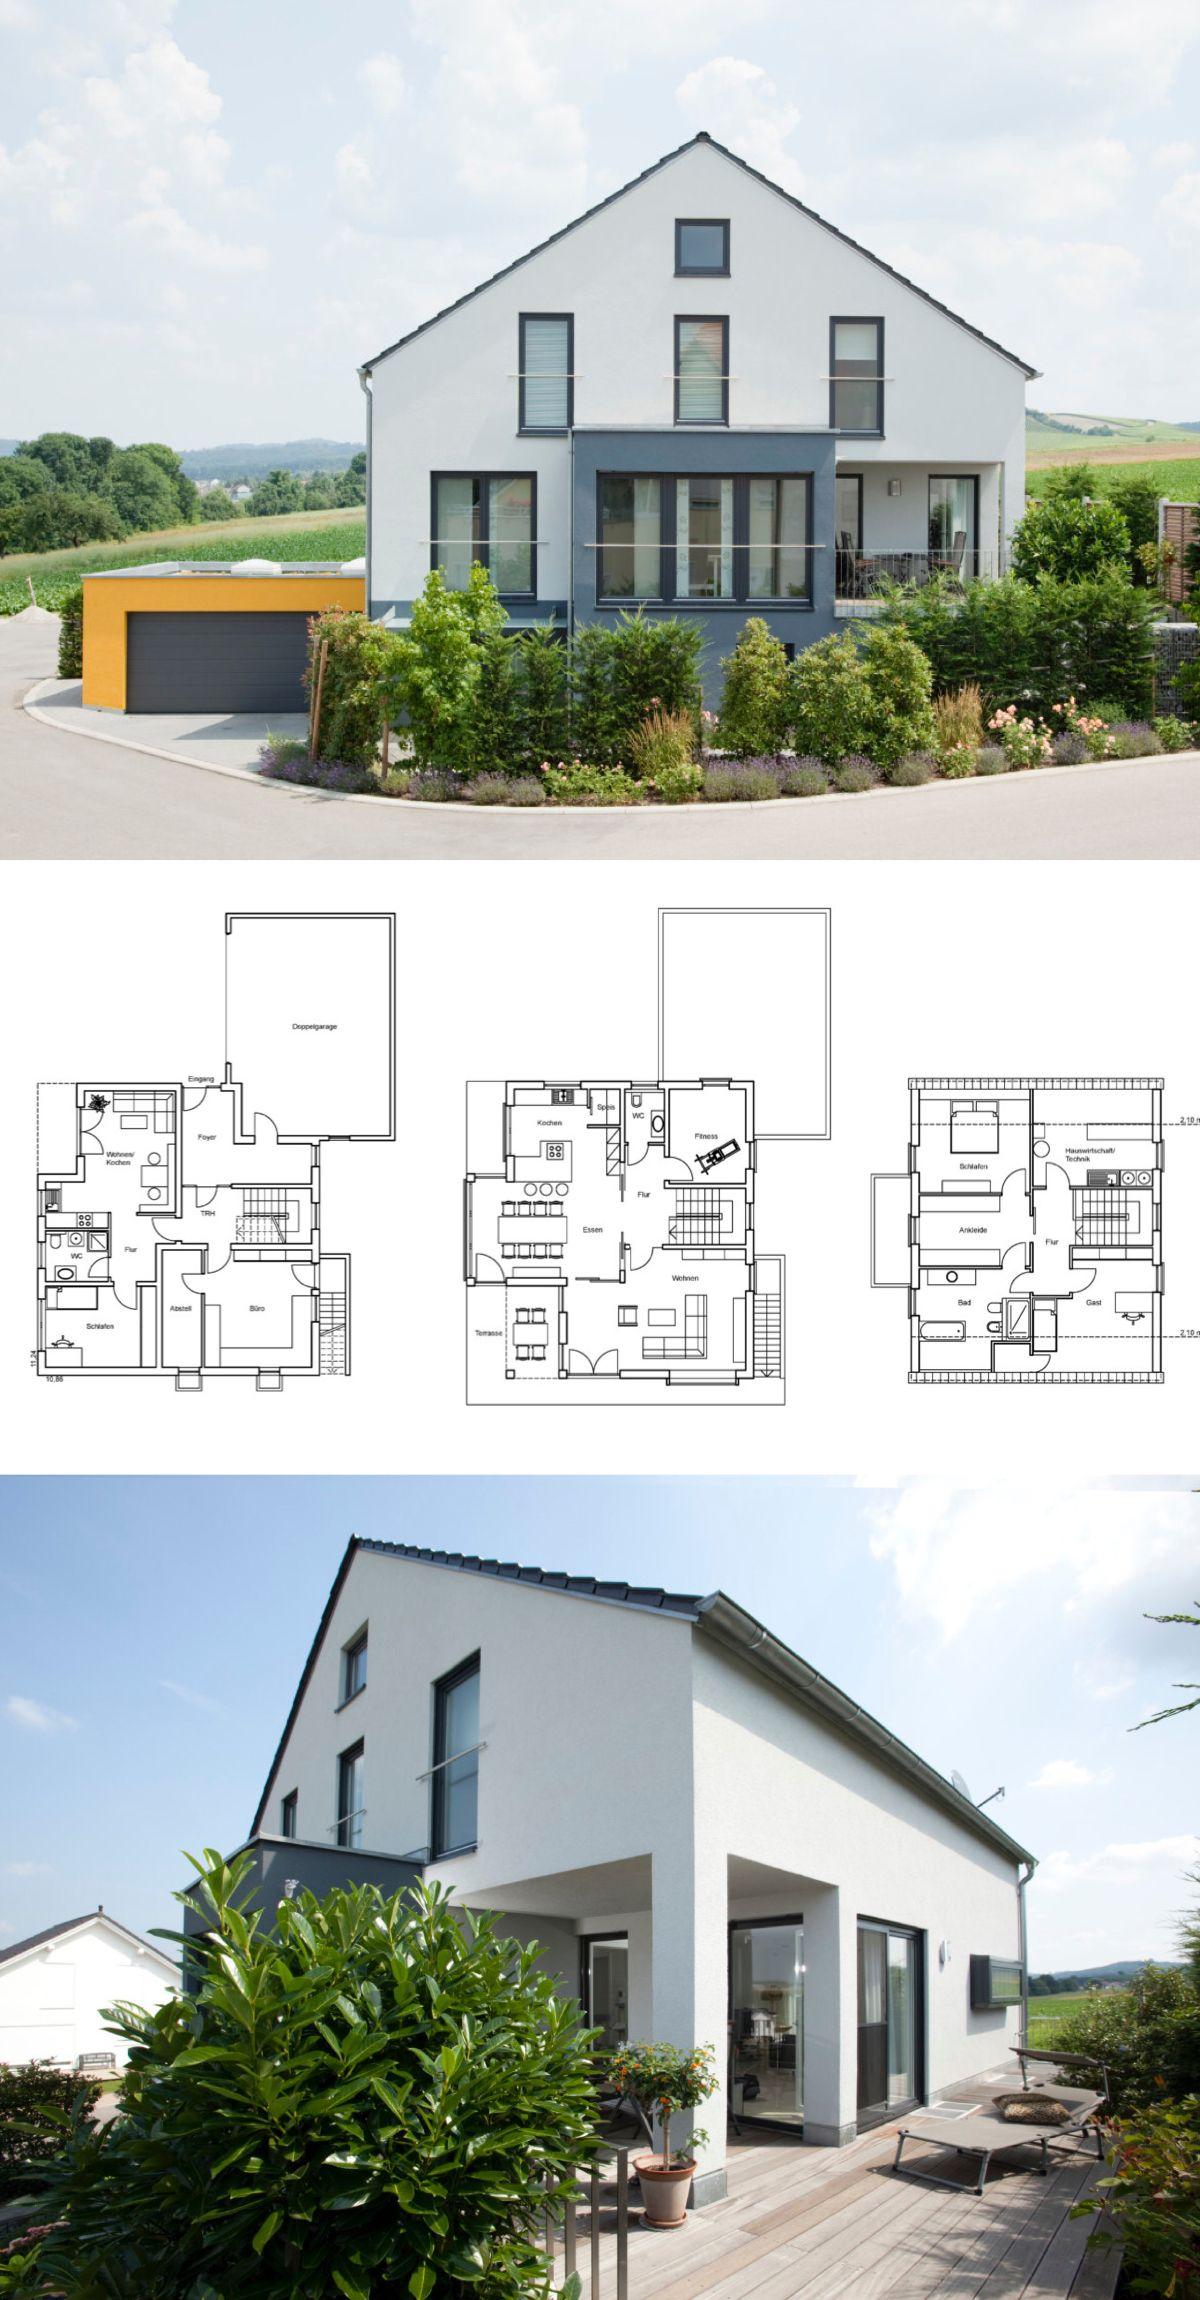 Einfamilienhaus Mit Garage Einliegerwohnung In Hanglage